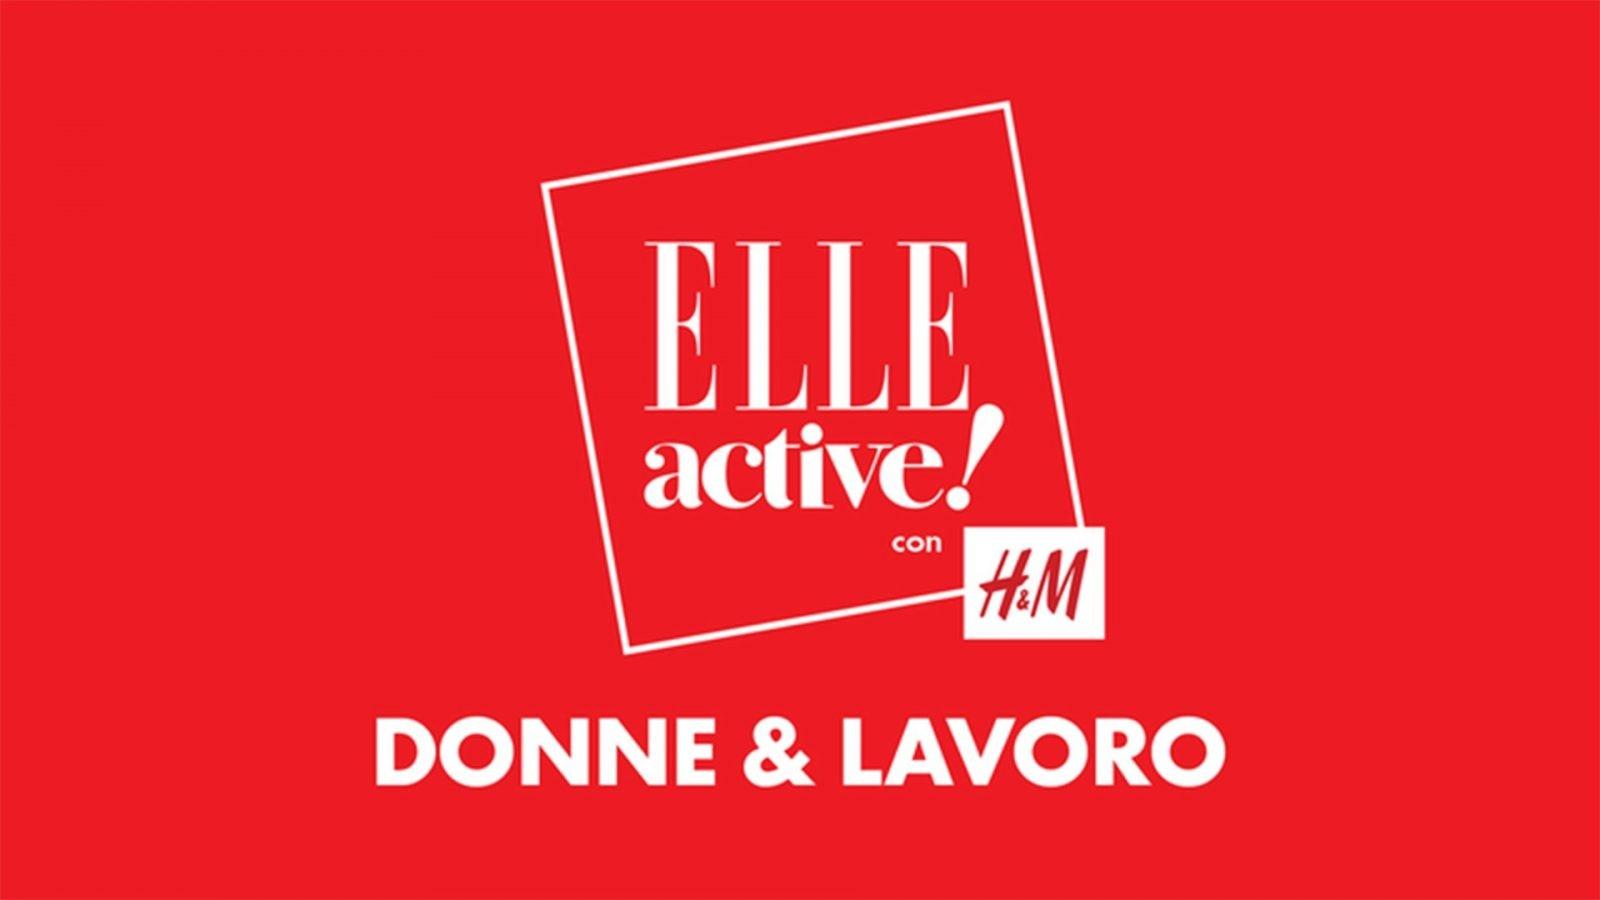 Elle Active! | Donne & Lavoro